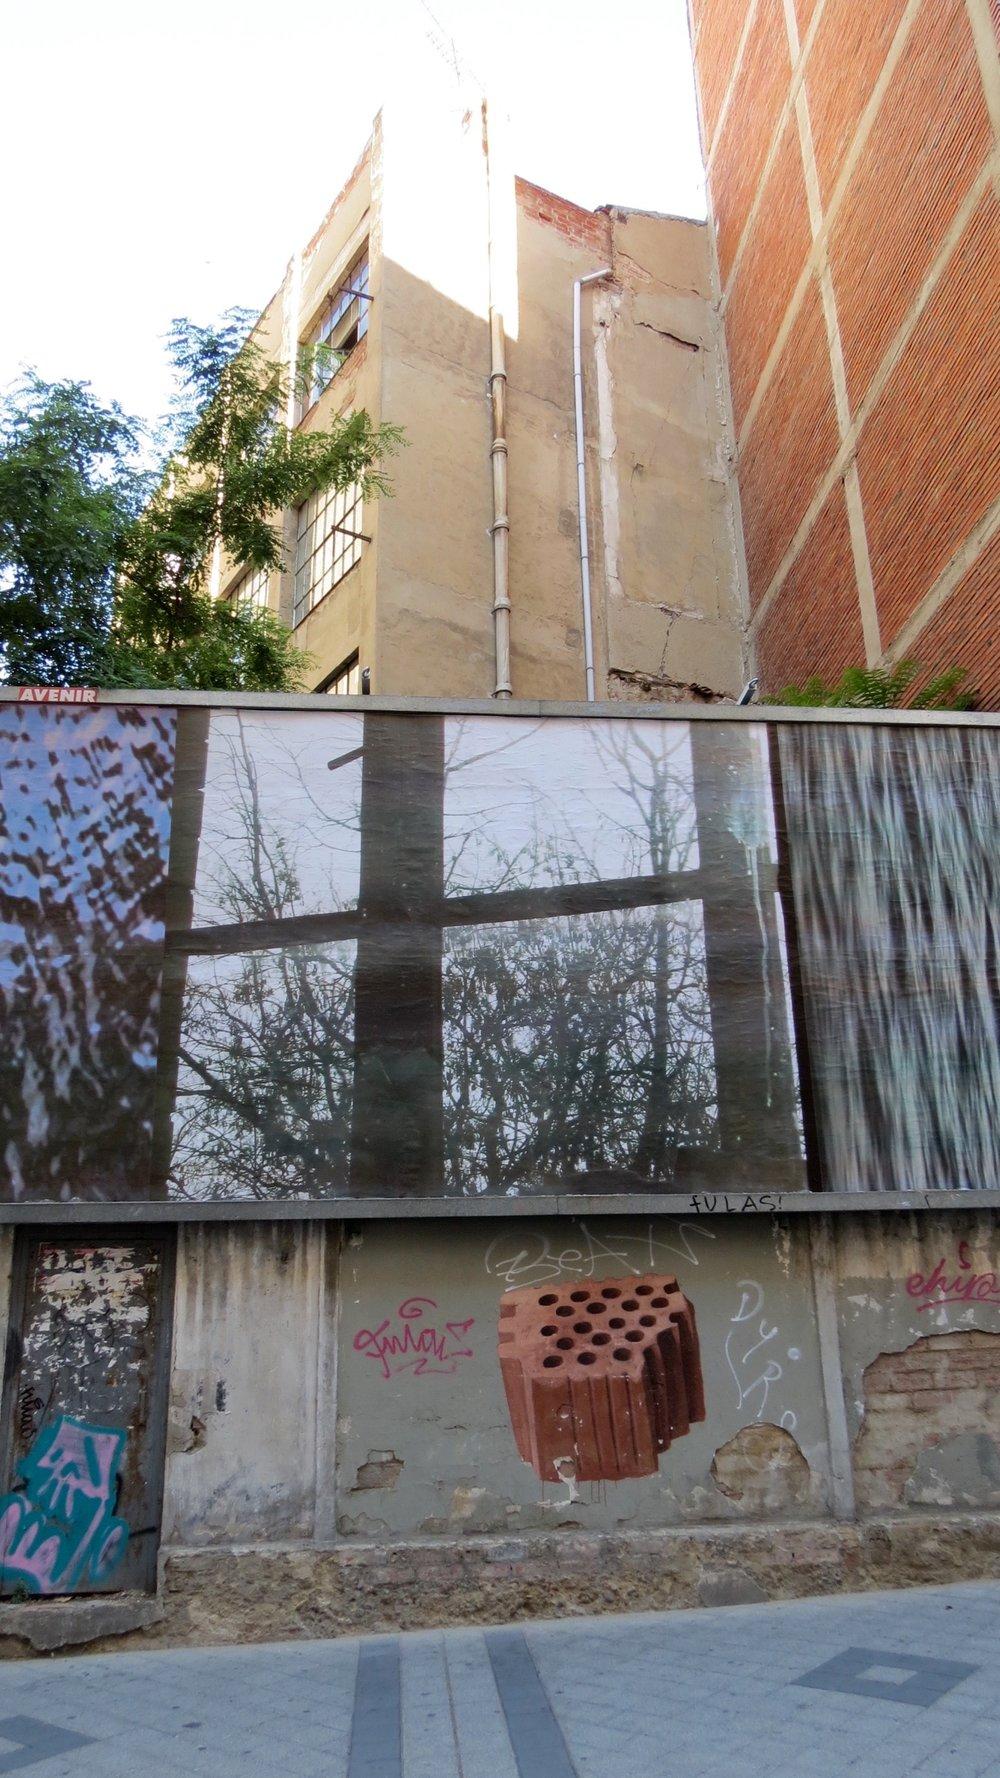 Detalle de la obra de Paulius Šliaupa colocada en la valla de Ocho por Tres durante el mes de agosto.